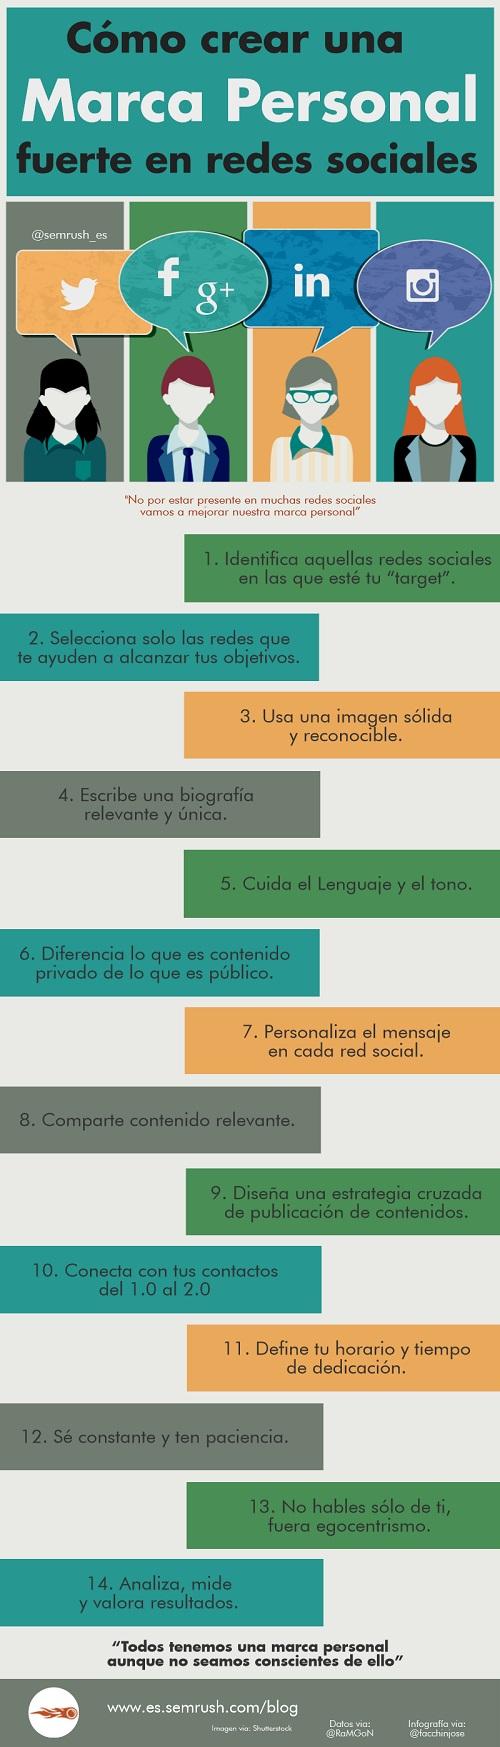 Consejos para gestionar tu marca personal en redes sociales #infografia